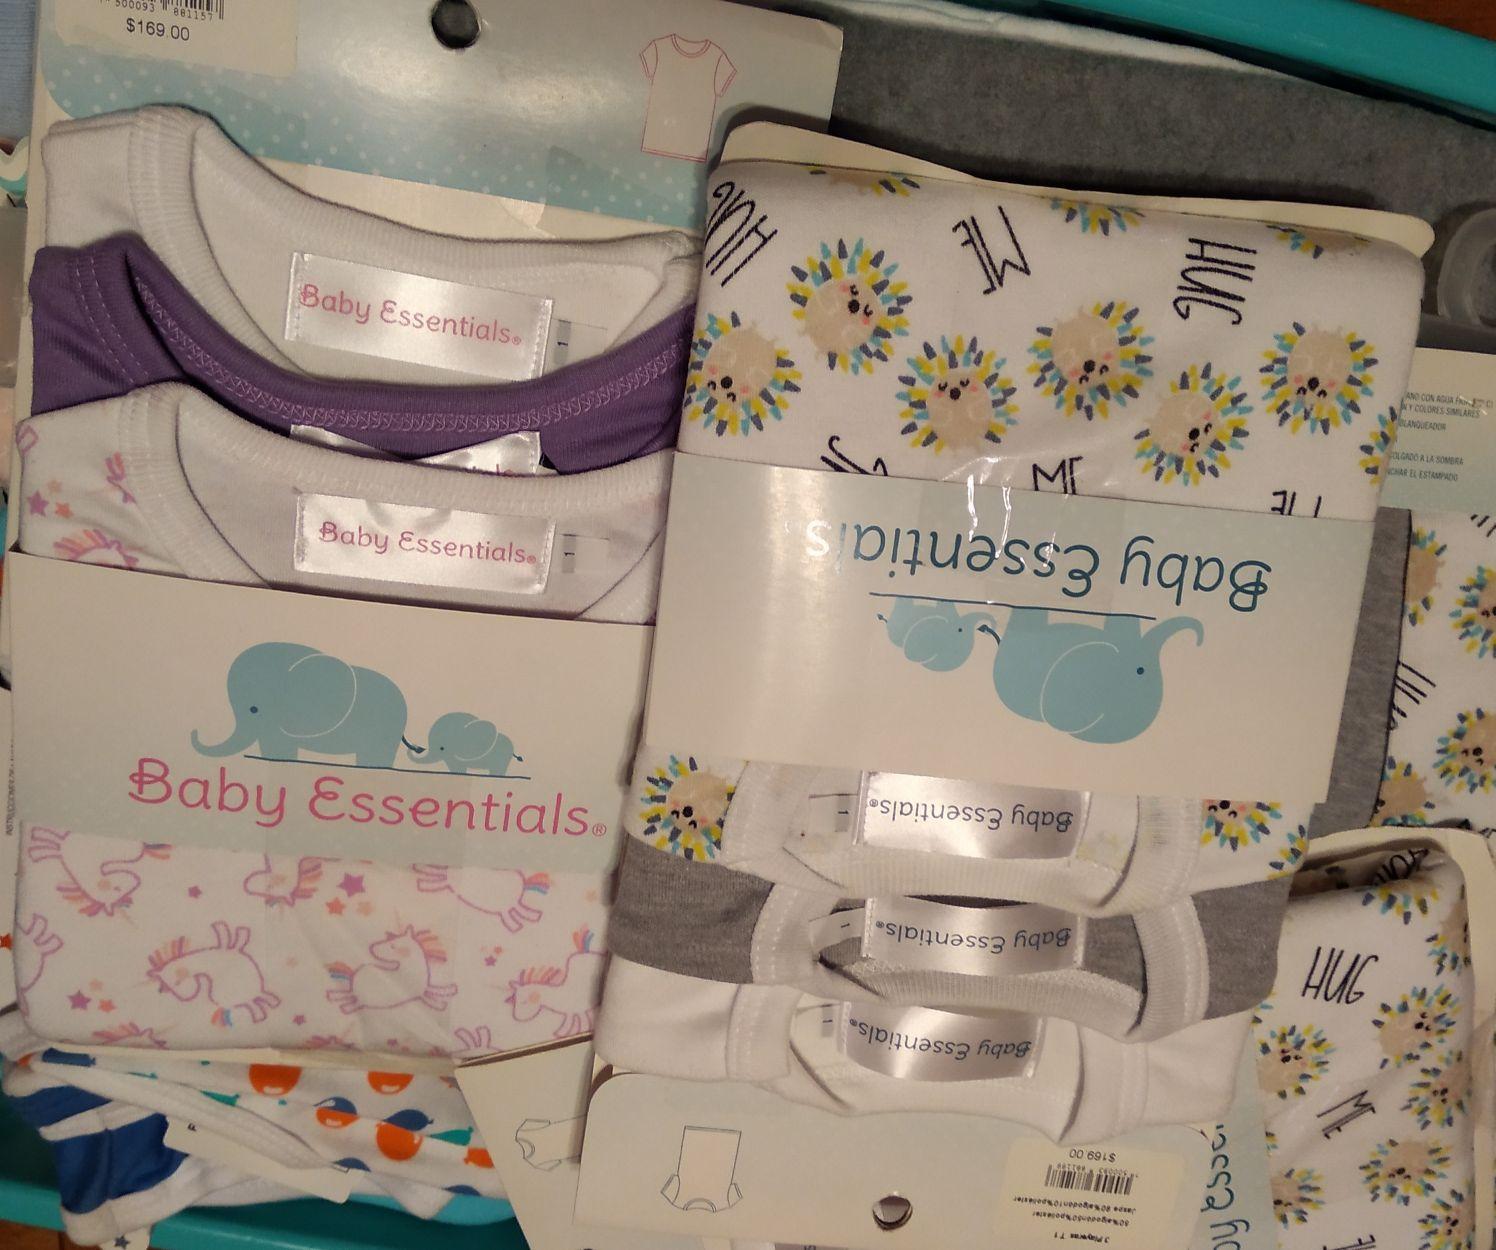 Soriana: Camisas y pantaloncitos baby essentials